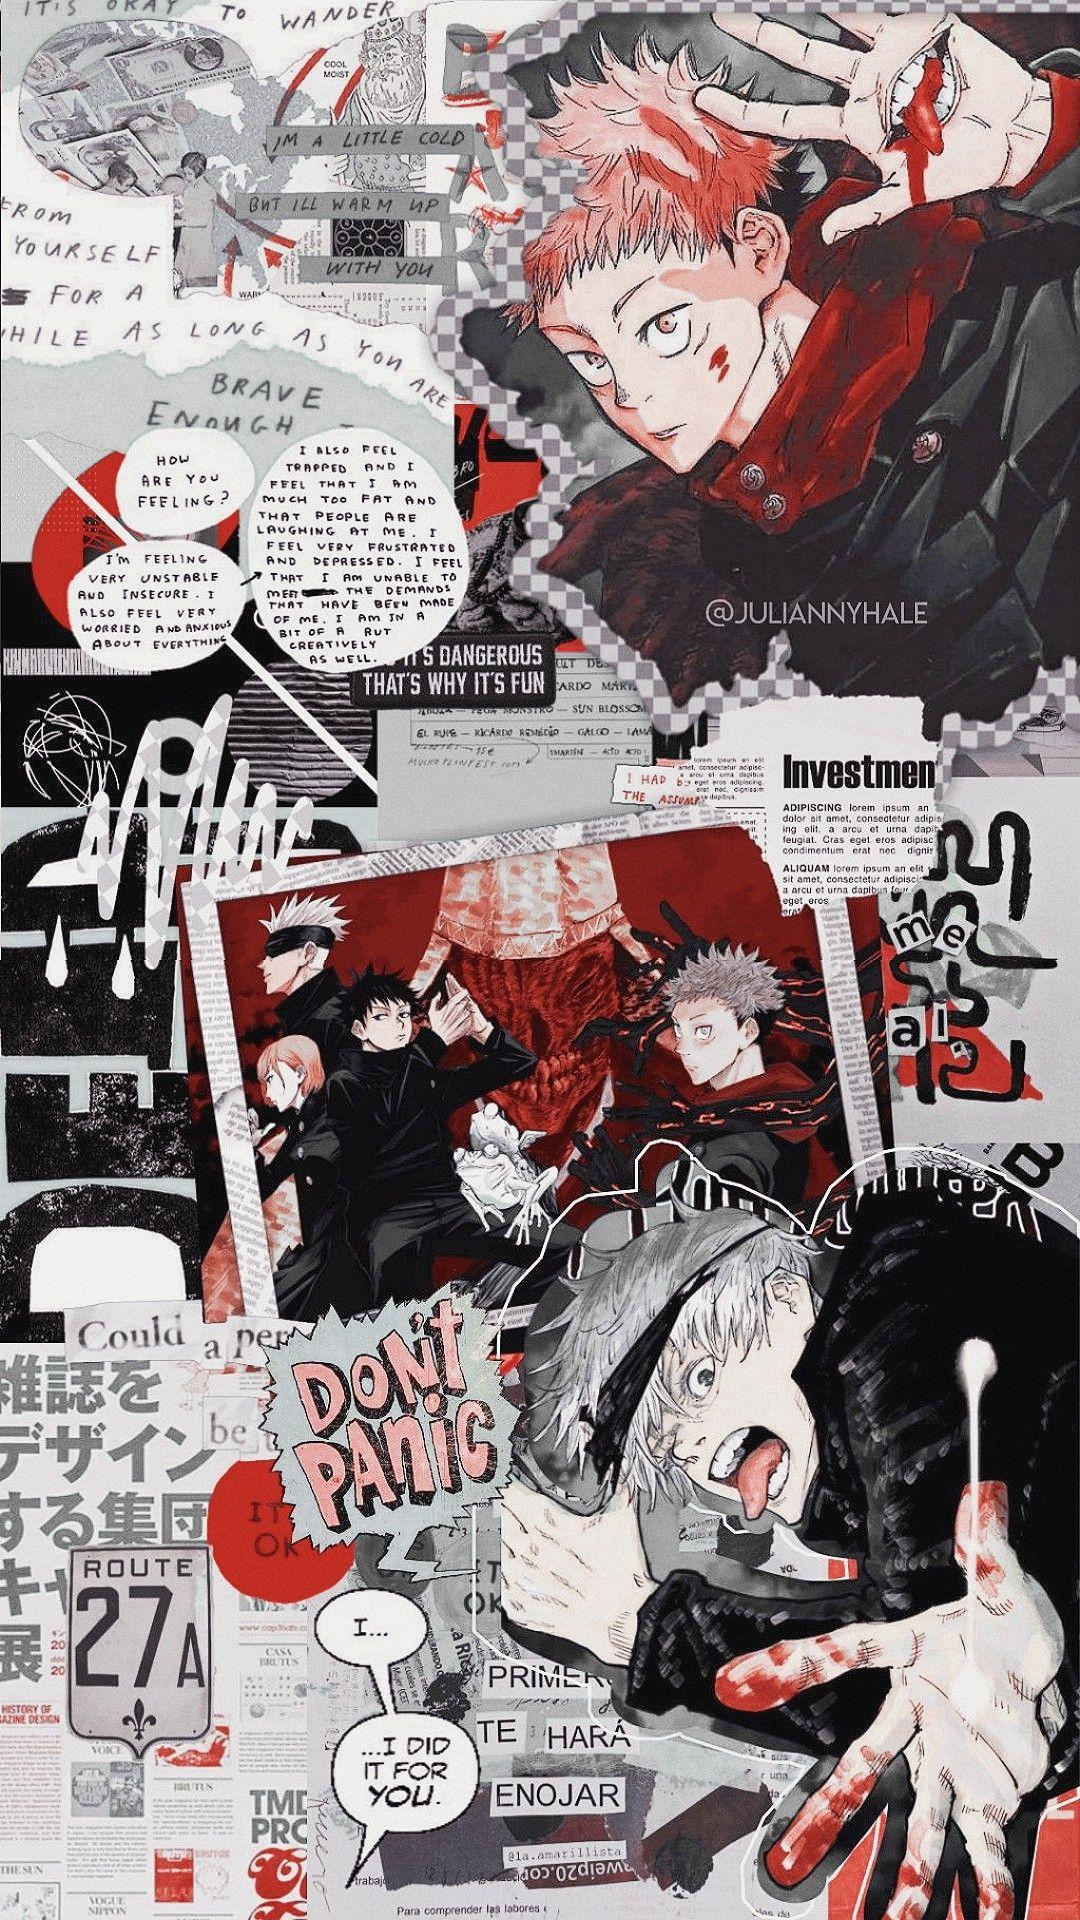 Jujutsu Kaisen Wallpaper かっこいい 壁紙 アニメ かっこいい壁紙